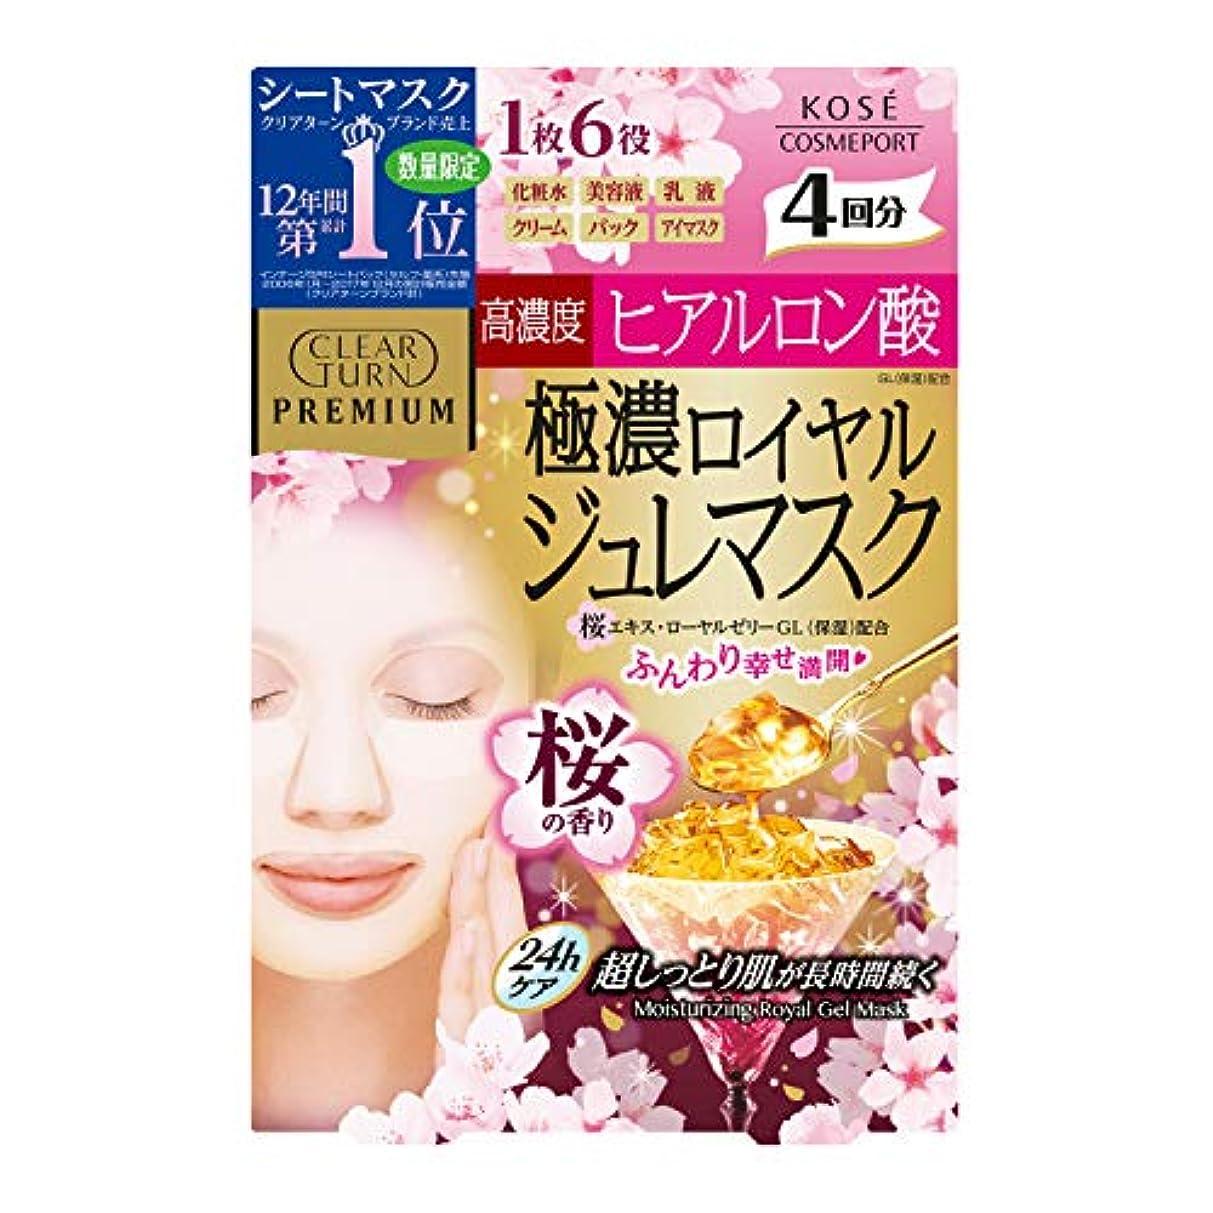 さておき地域エーカーKOSE クリアターン プレミアムロイヤルジュレマスク(ヒアルロン酸)4回 桜の香り